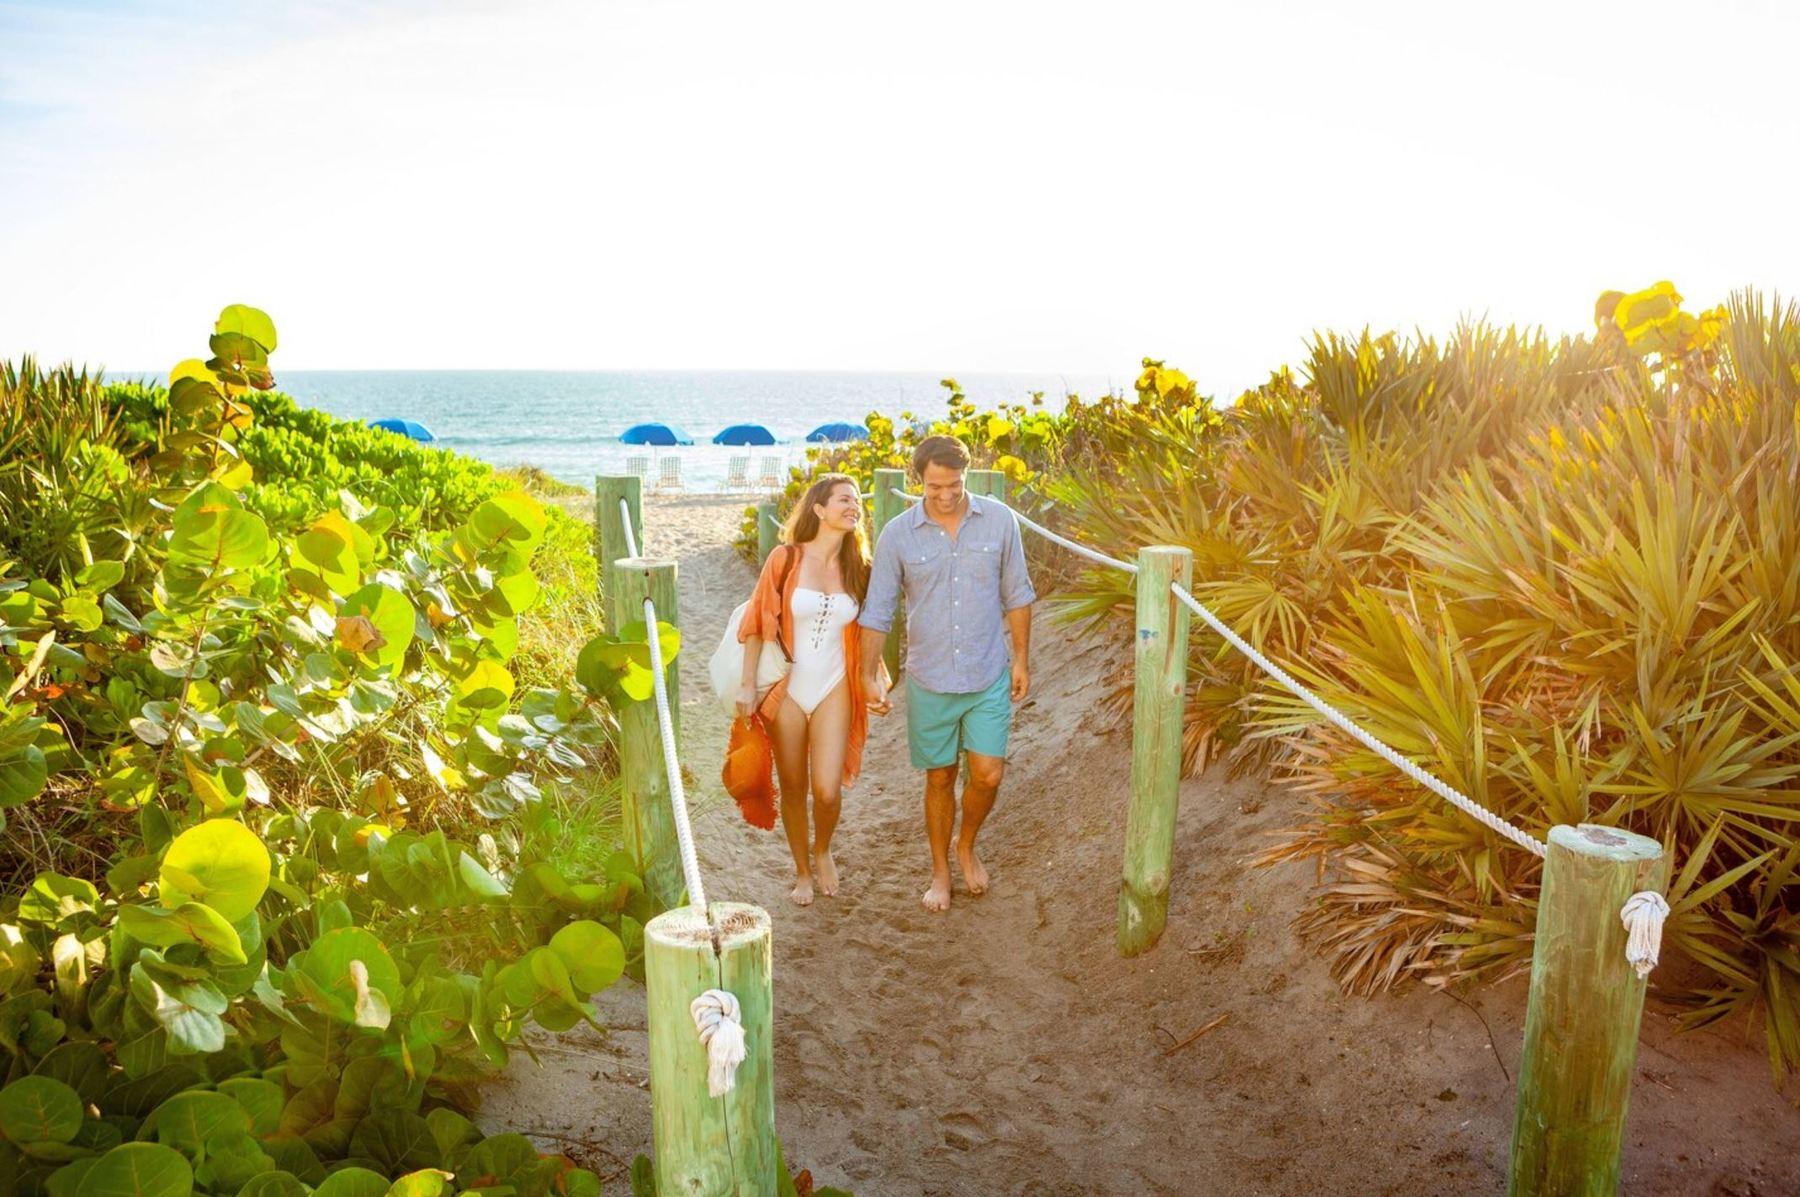 Couple enjoys a romantic walk along the beach on Hutchinson Island